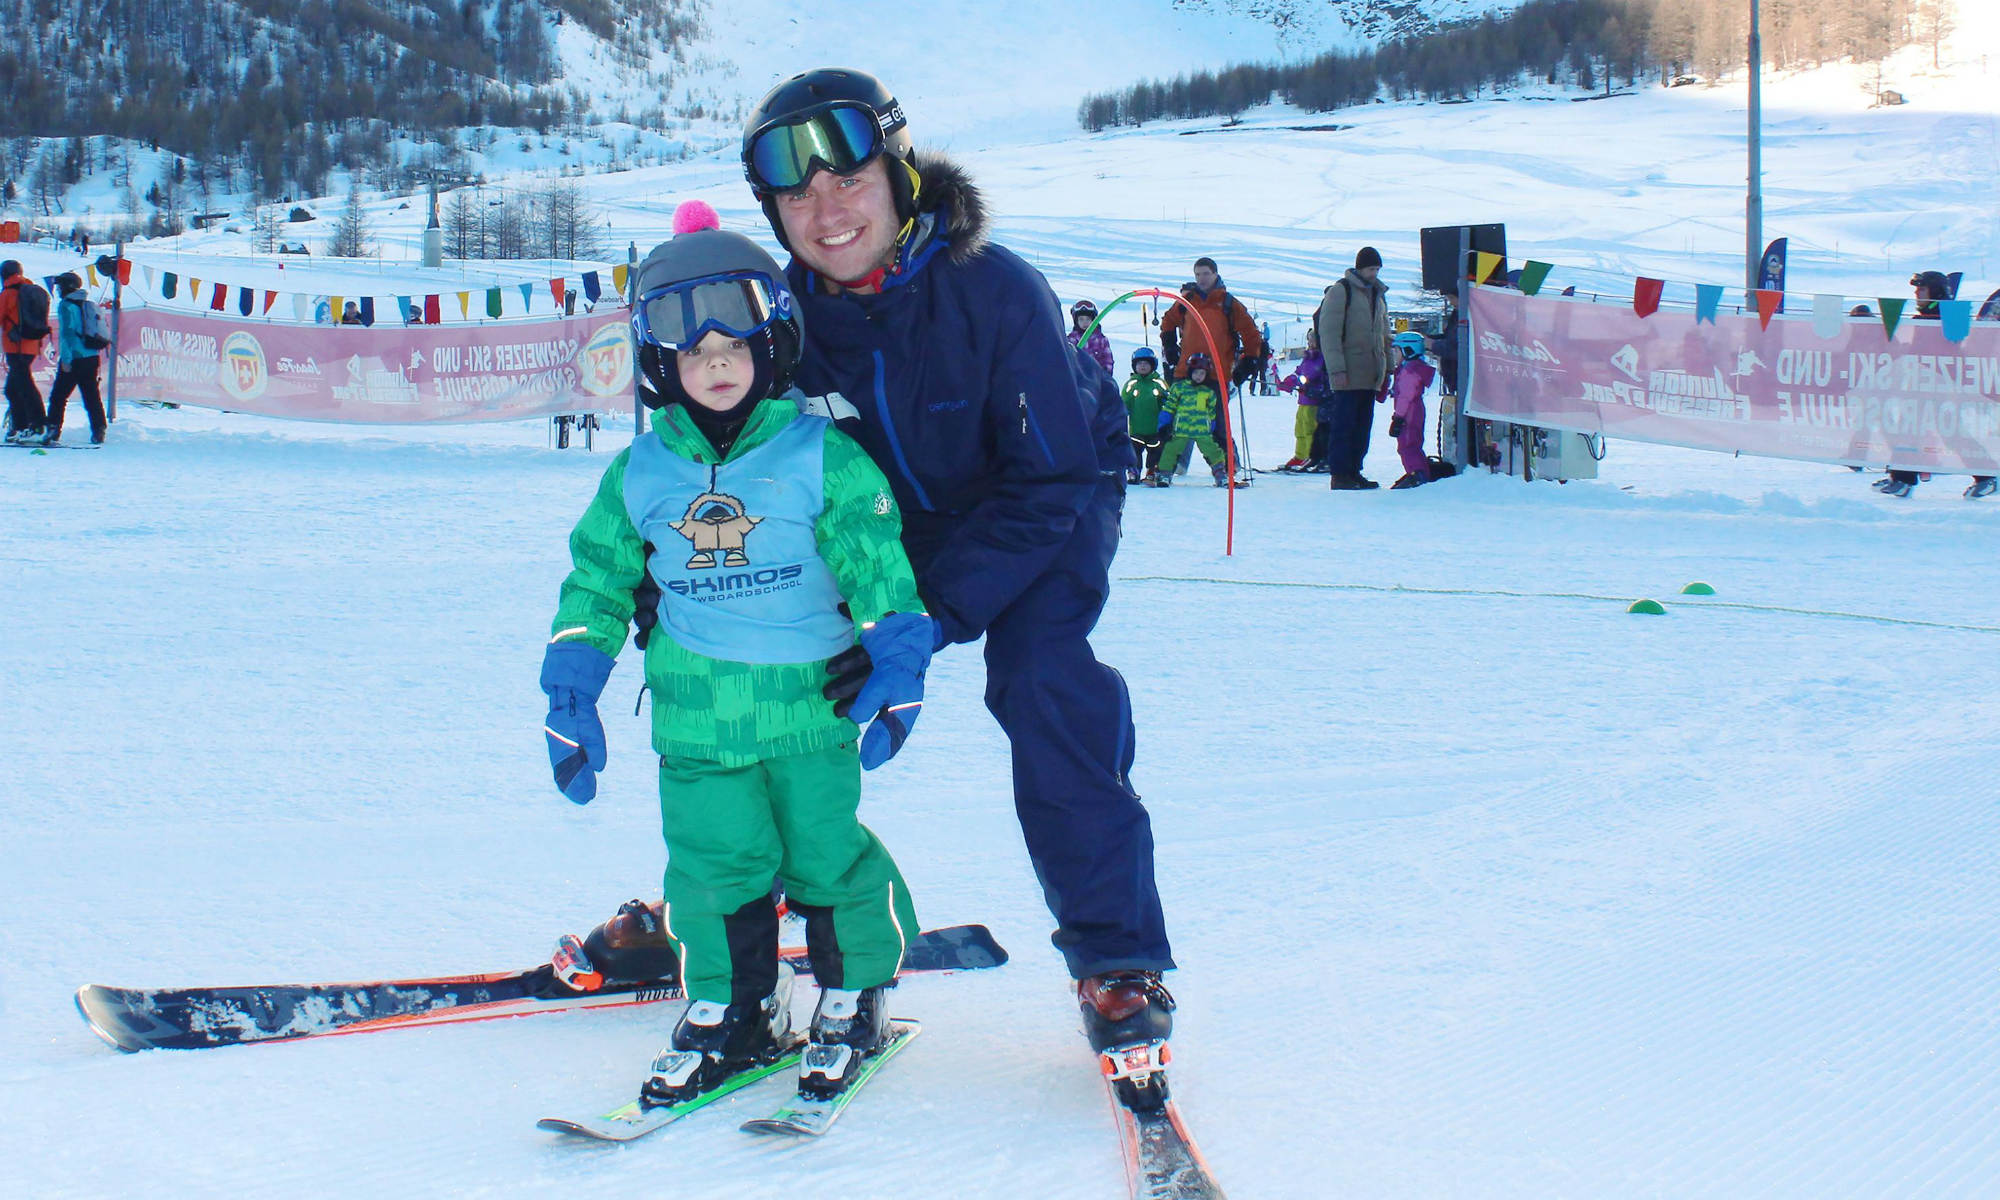 Ein privater Skilehrer der Skischulen in Saas-Fee übt die Skitechnik mit einem jungen Anfänger.